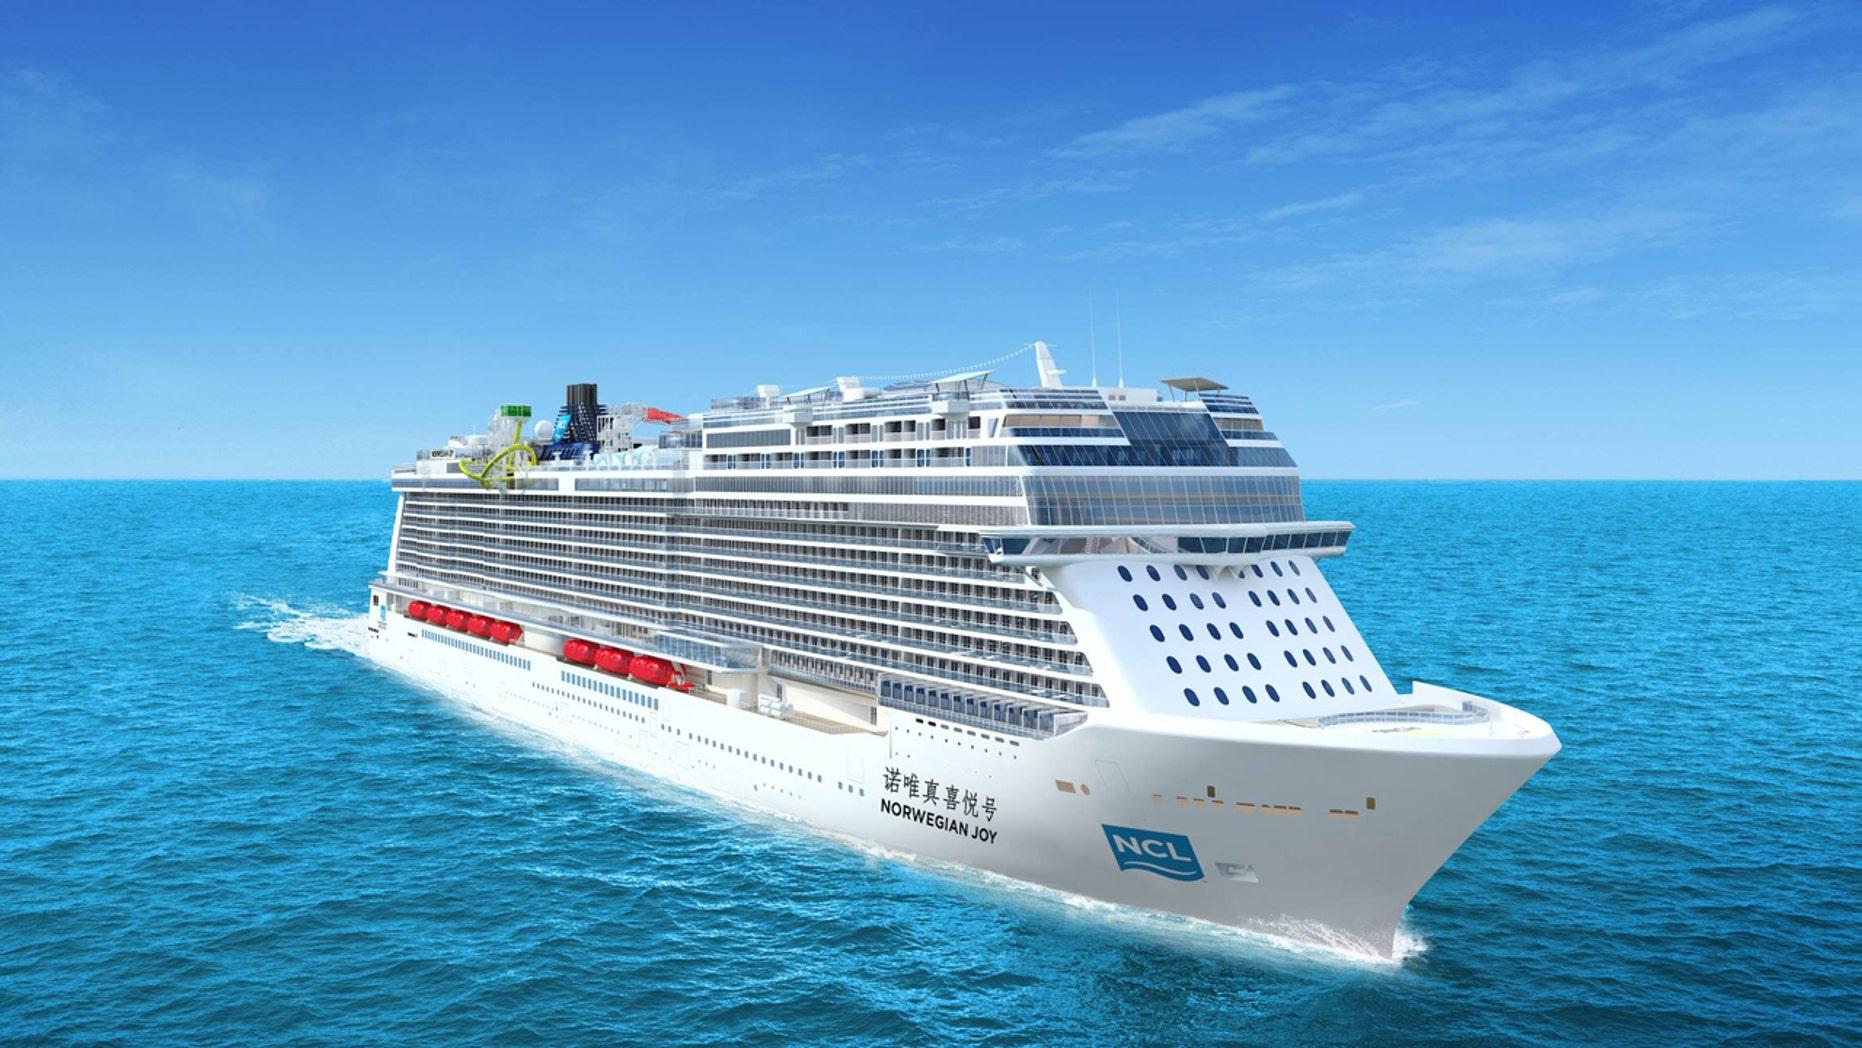 The rendering of the upcoming ocean liner Norwegian Joy.